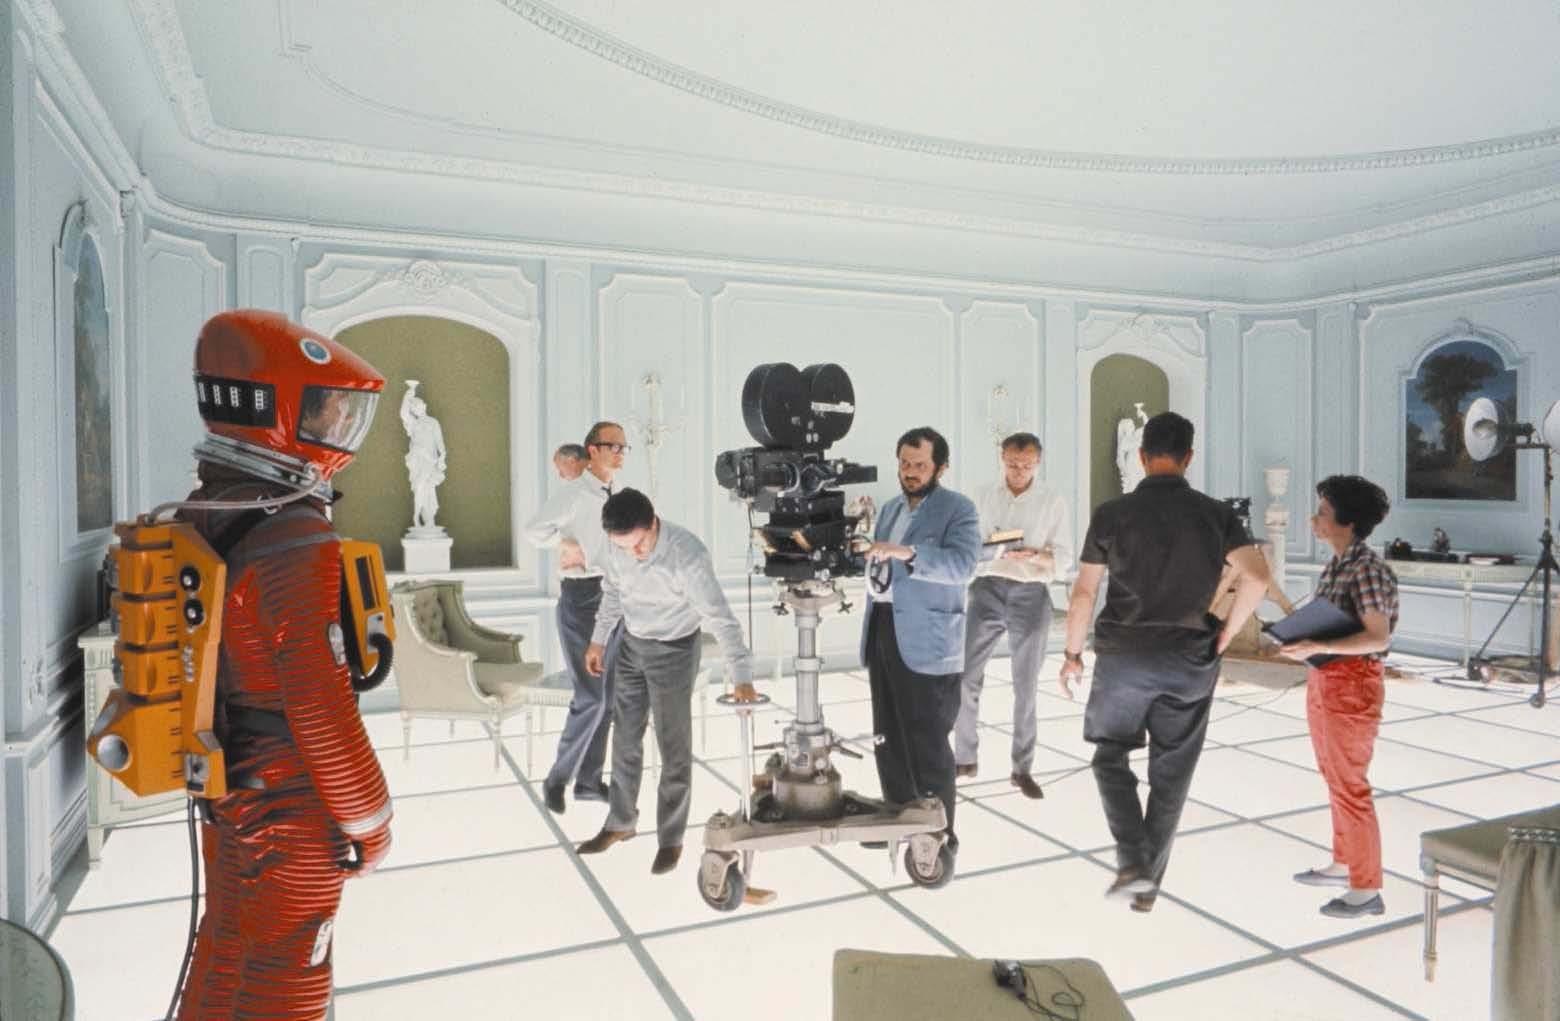 2001: Odissea nello spazio (1968): la recensione del più grande film di fantascienza della storia del cinema